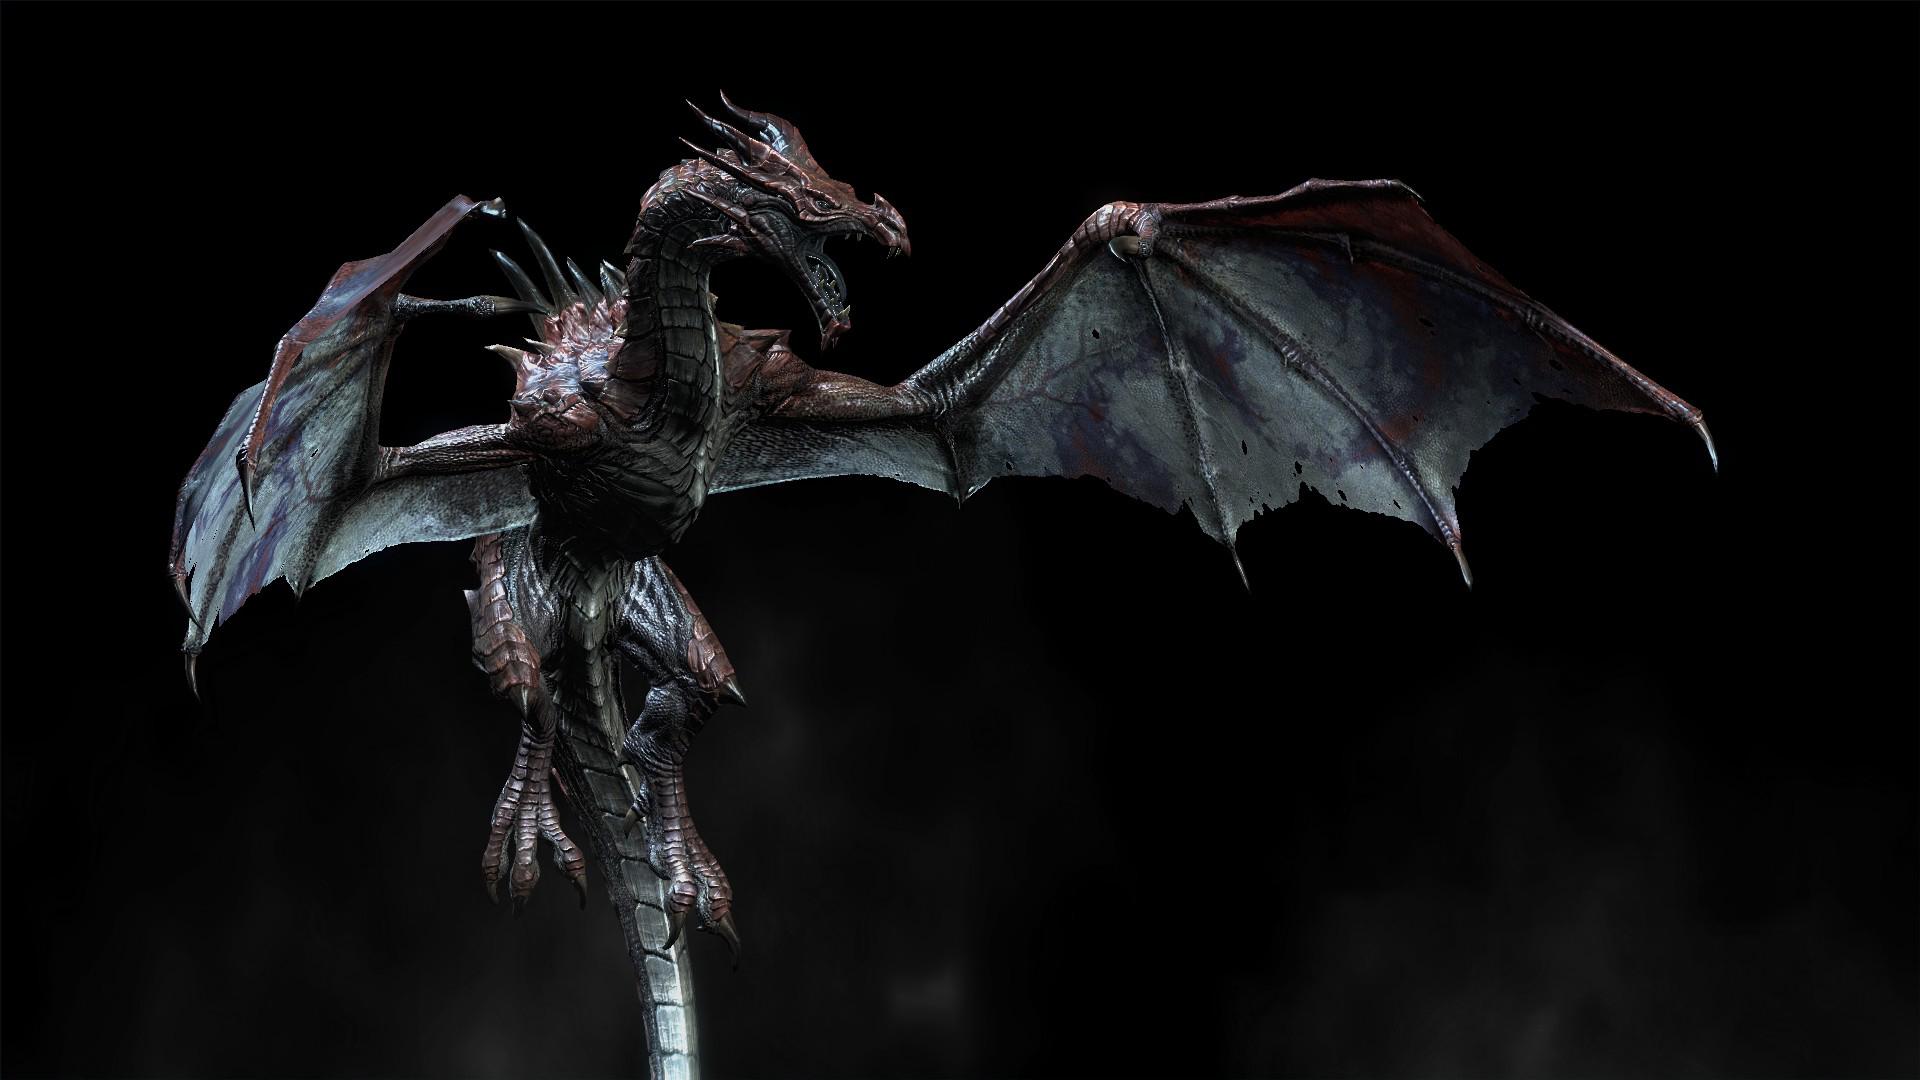 The Elder Scrolls V Skyrim Full HD Wallpaper And Background Image